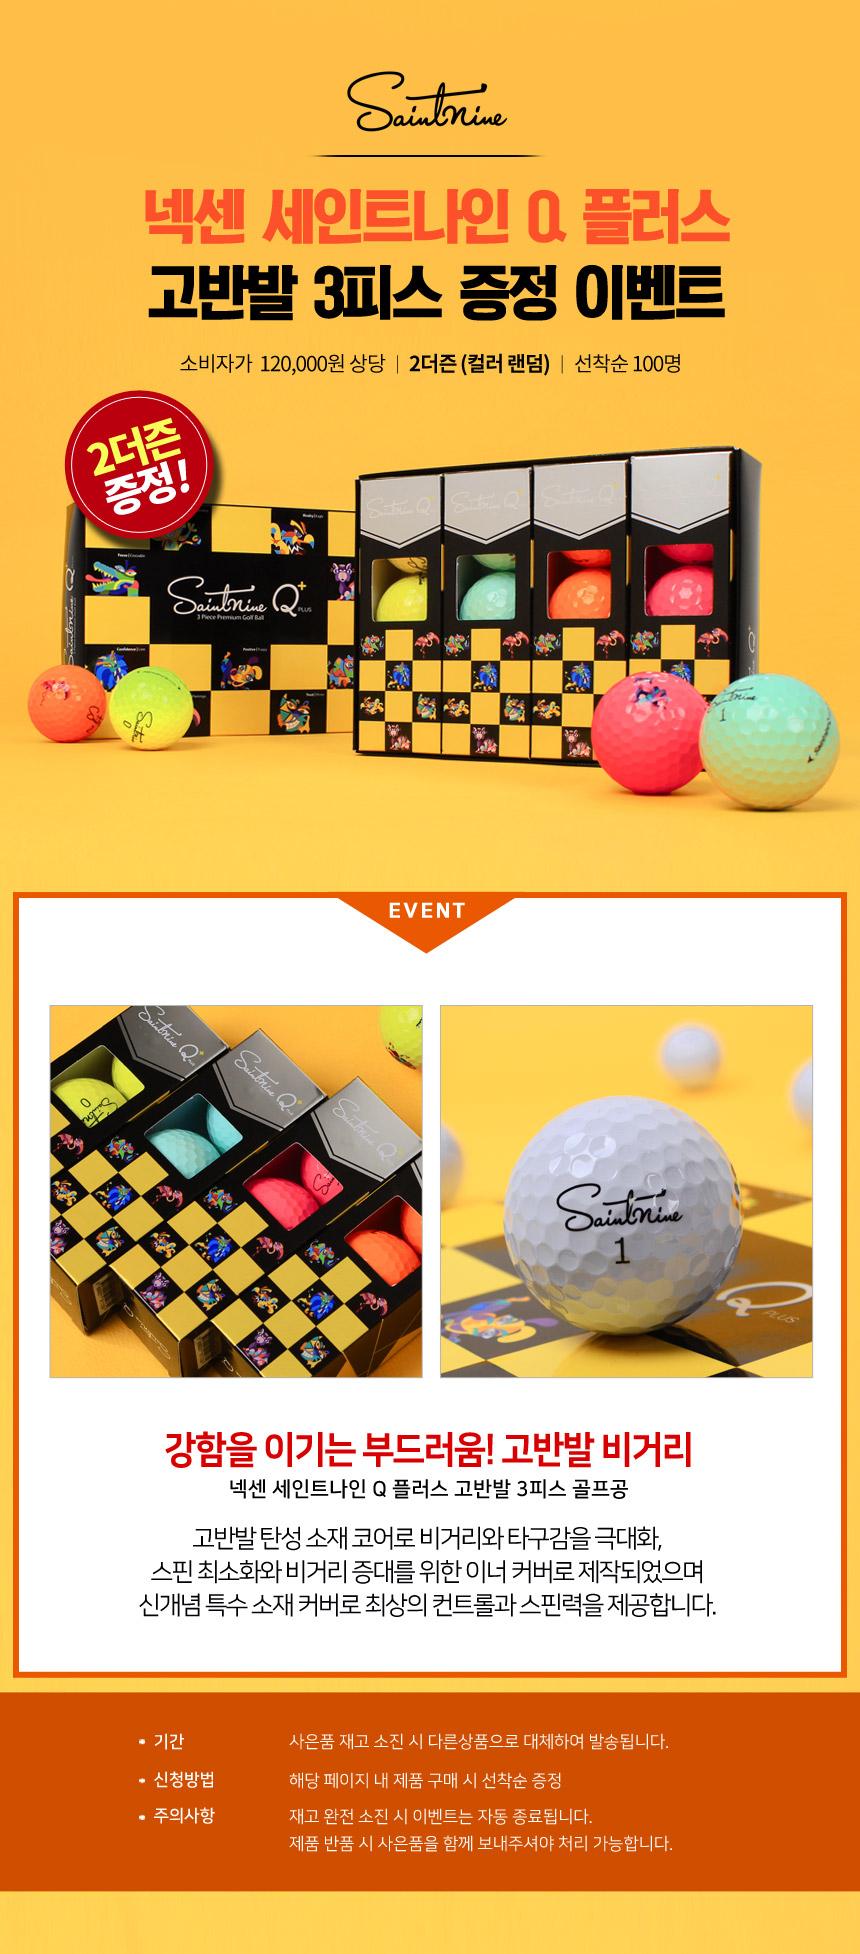 mycaddy_O2_gift_19.jpg